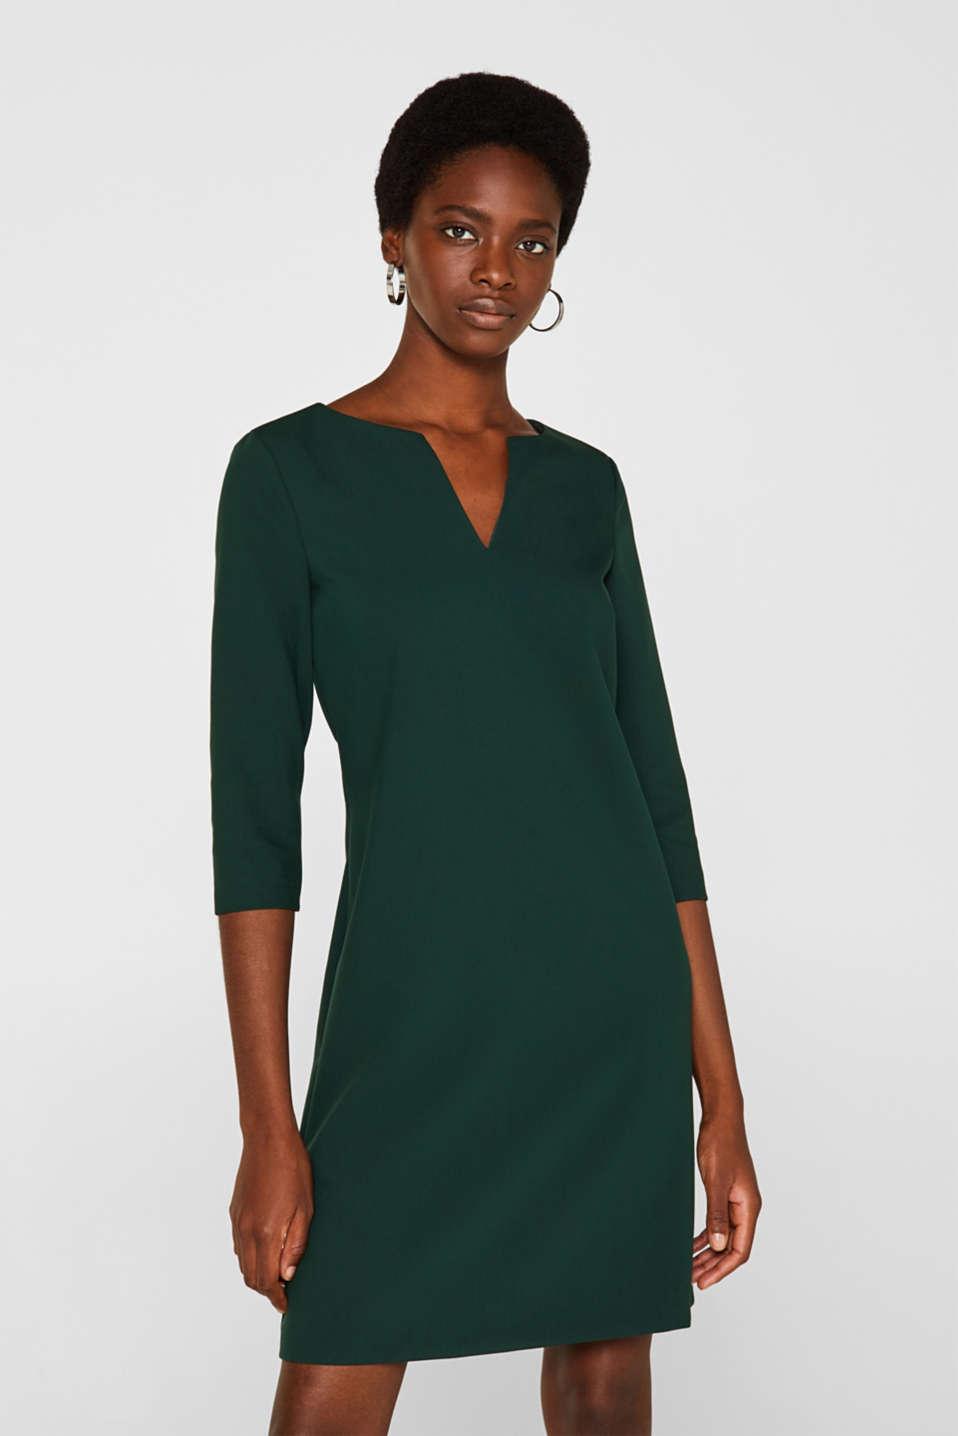 V-neck shift dress, DARK TEAL GREEN, detail image number 0